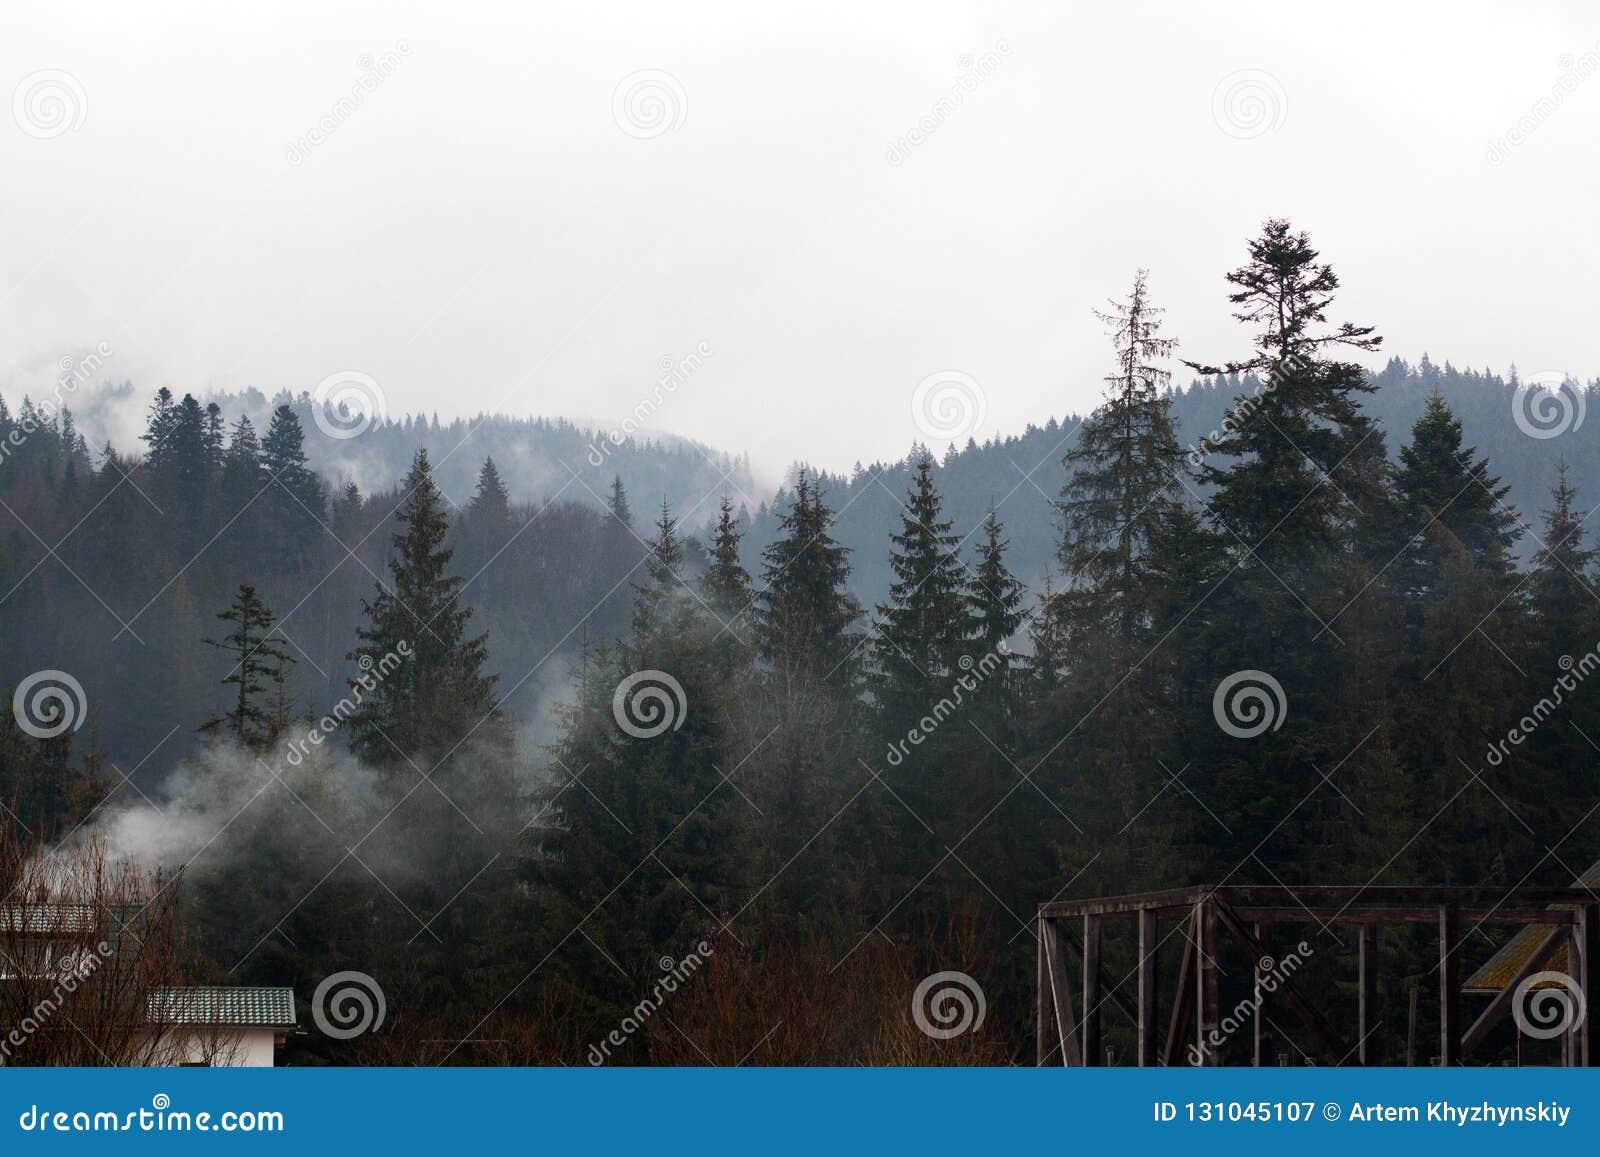 Bygårdbyggnader framme av den dimmiga skogen